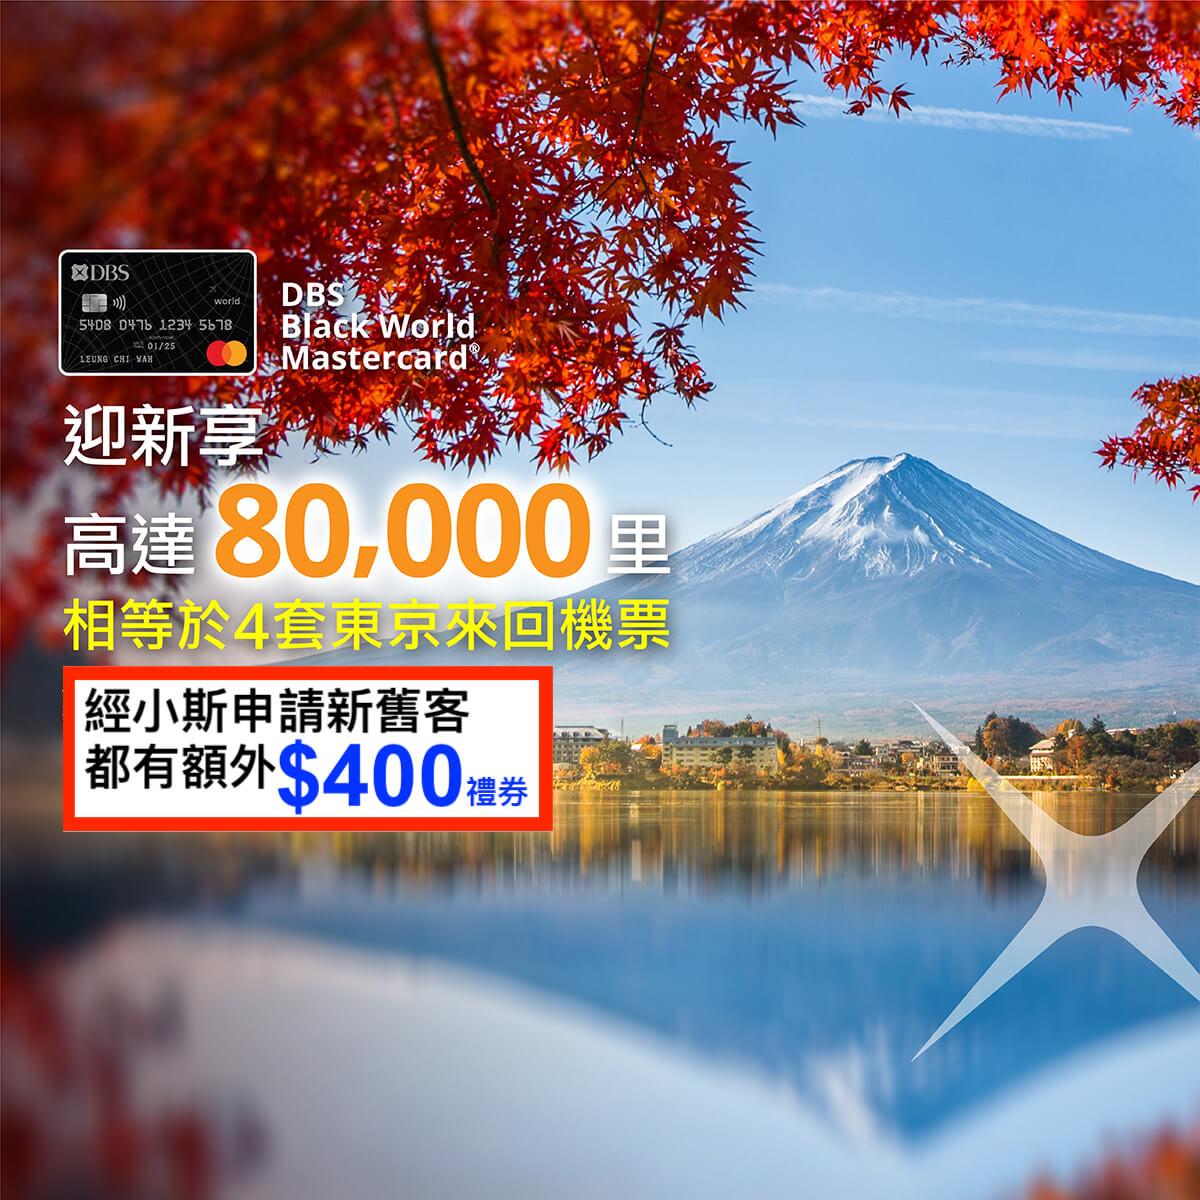 (經小斯申請有額外$400禮券) DBS Black World Mastercard 迎新低至本地HK$1/里、海外HK$2.5/里繼續有!最多可拎80,000里!全年Payme / Wechat Pay / 支付寶$6/里!仲有免費雜誌換!